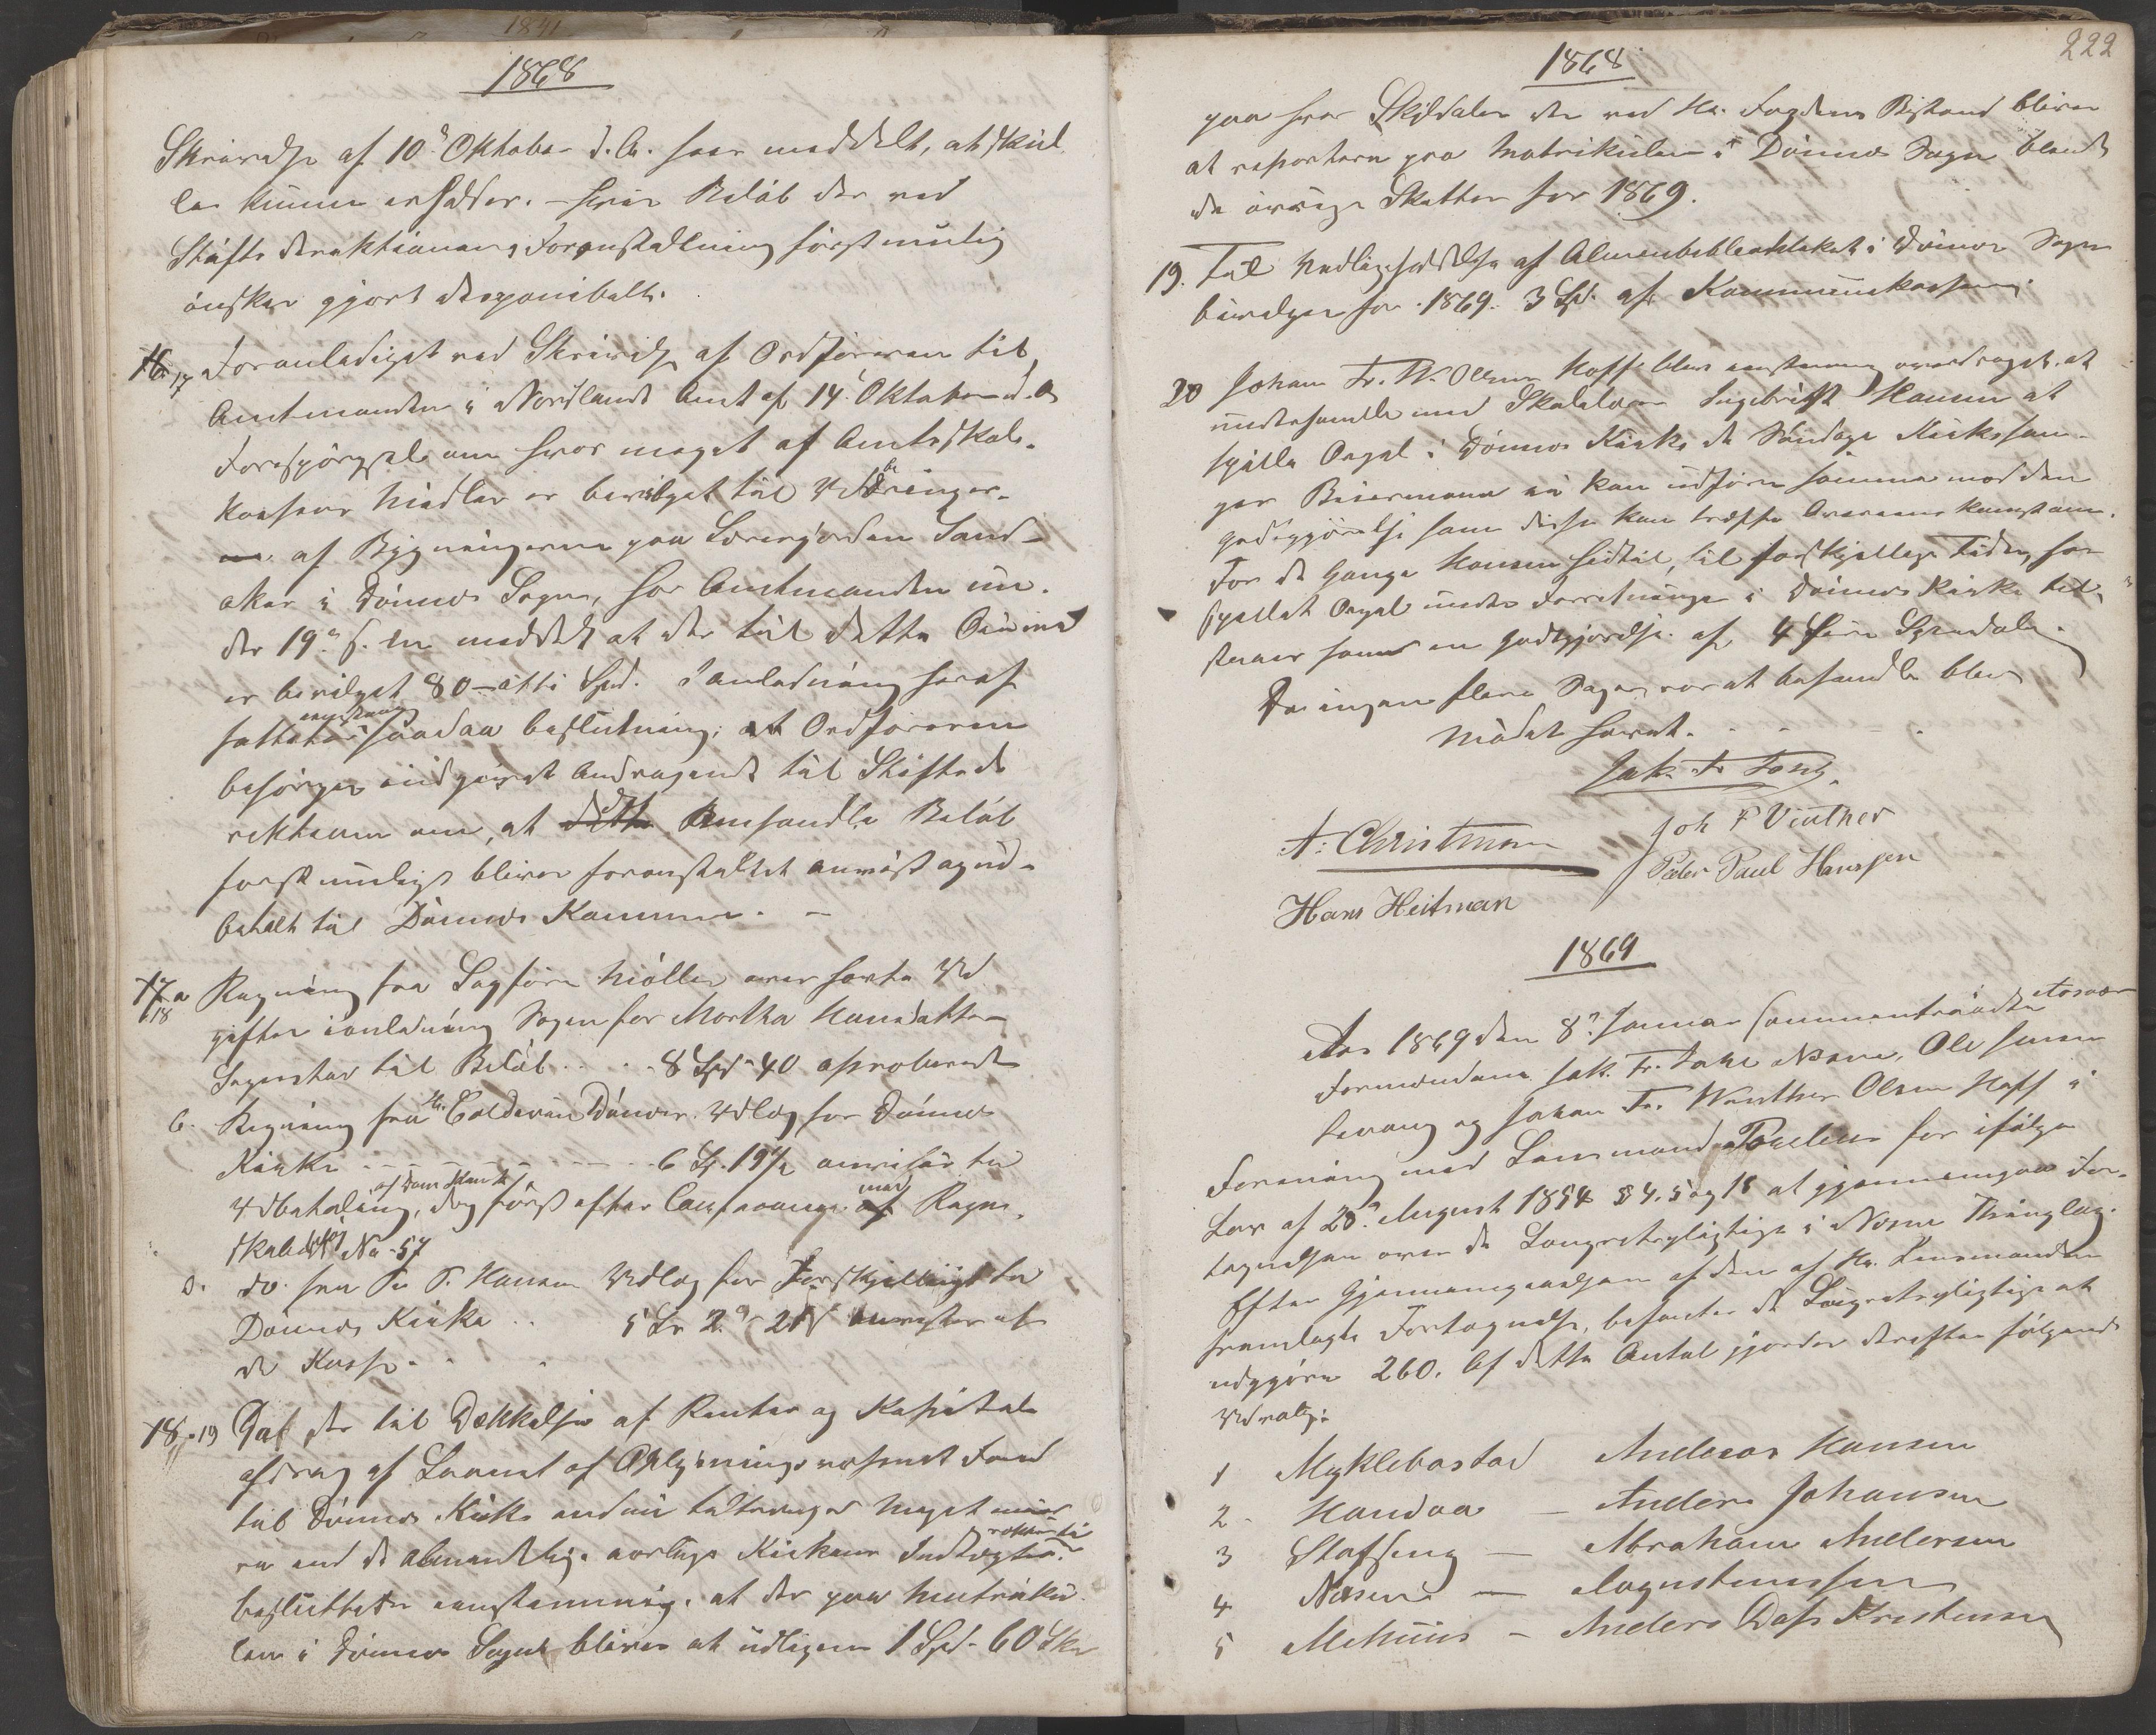 AIN, Nesna kommune. Formannskapet, 100/L0001: Møtebok, 1838-1873, p. 222